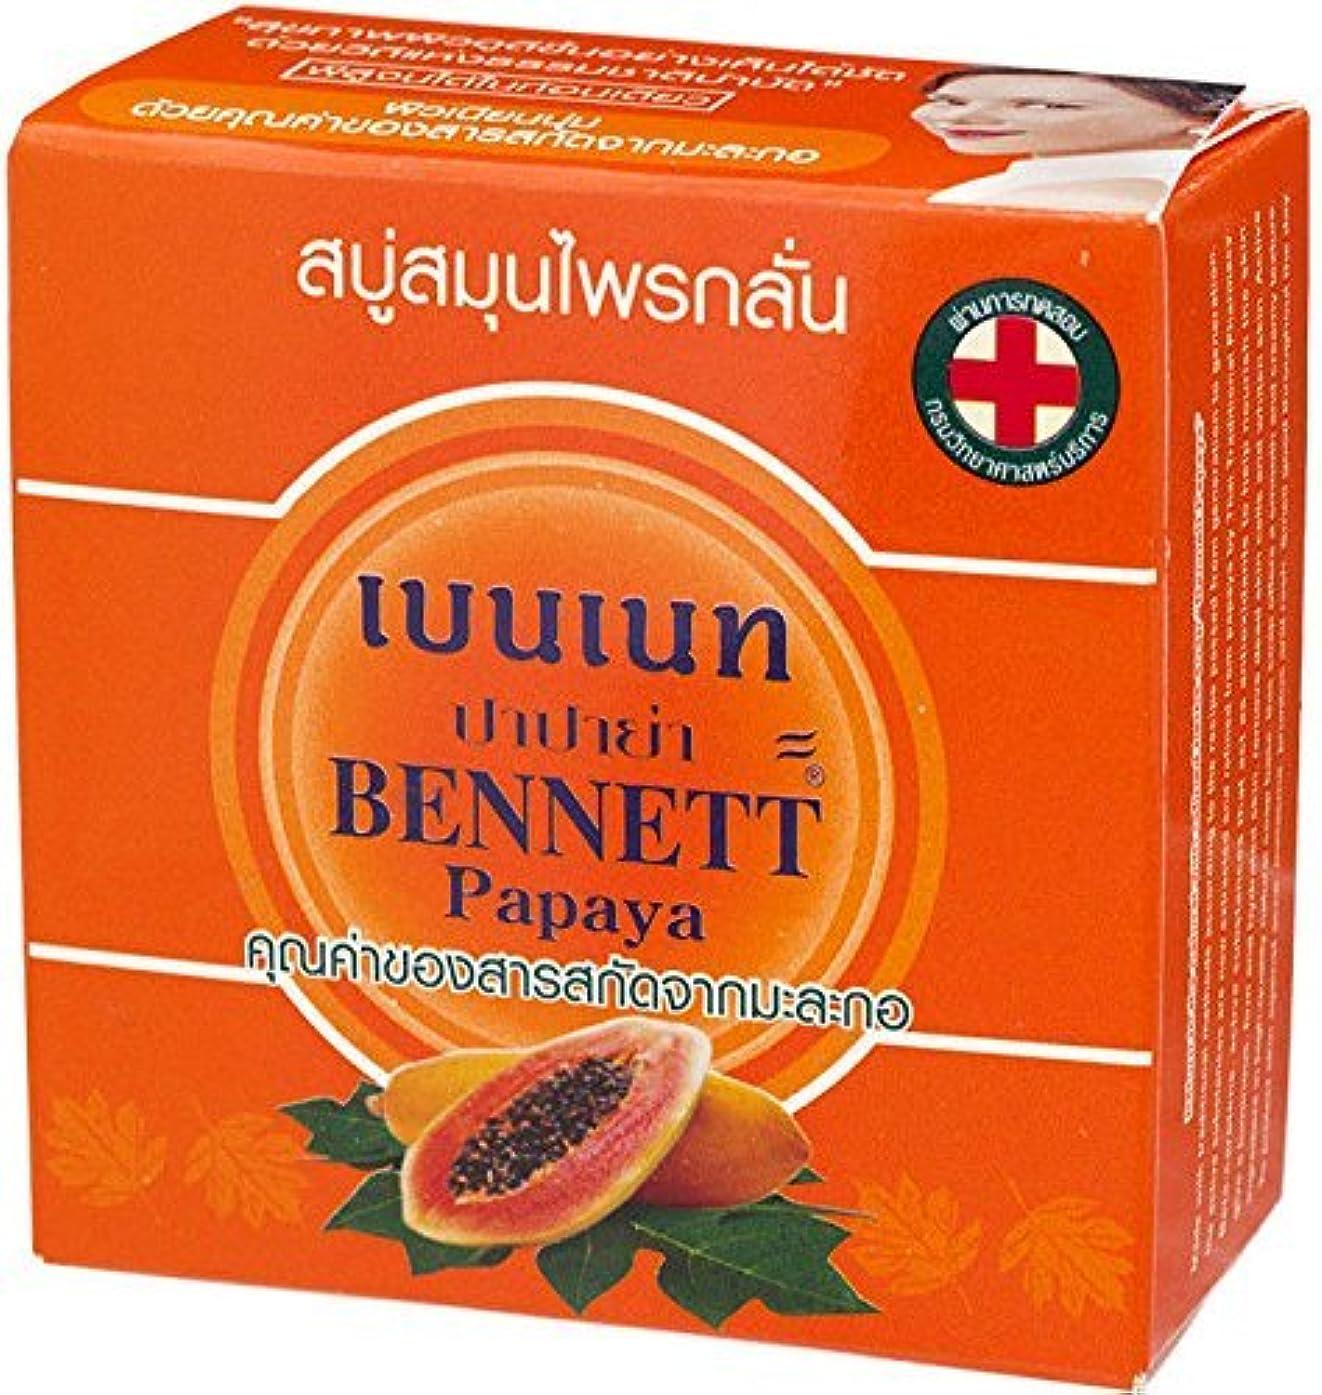 リス周辺補助PARROT HERBAL NATURAL EXTRACT THAI PAPAYA PLUS ALOE VERA AND HONEY SOAP BAR 75G [並行輸入品]